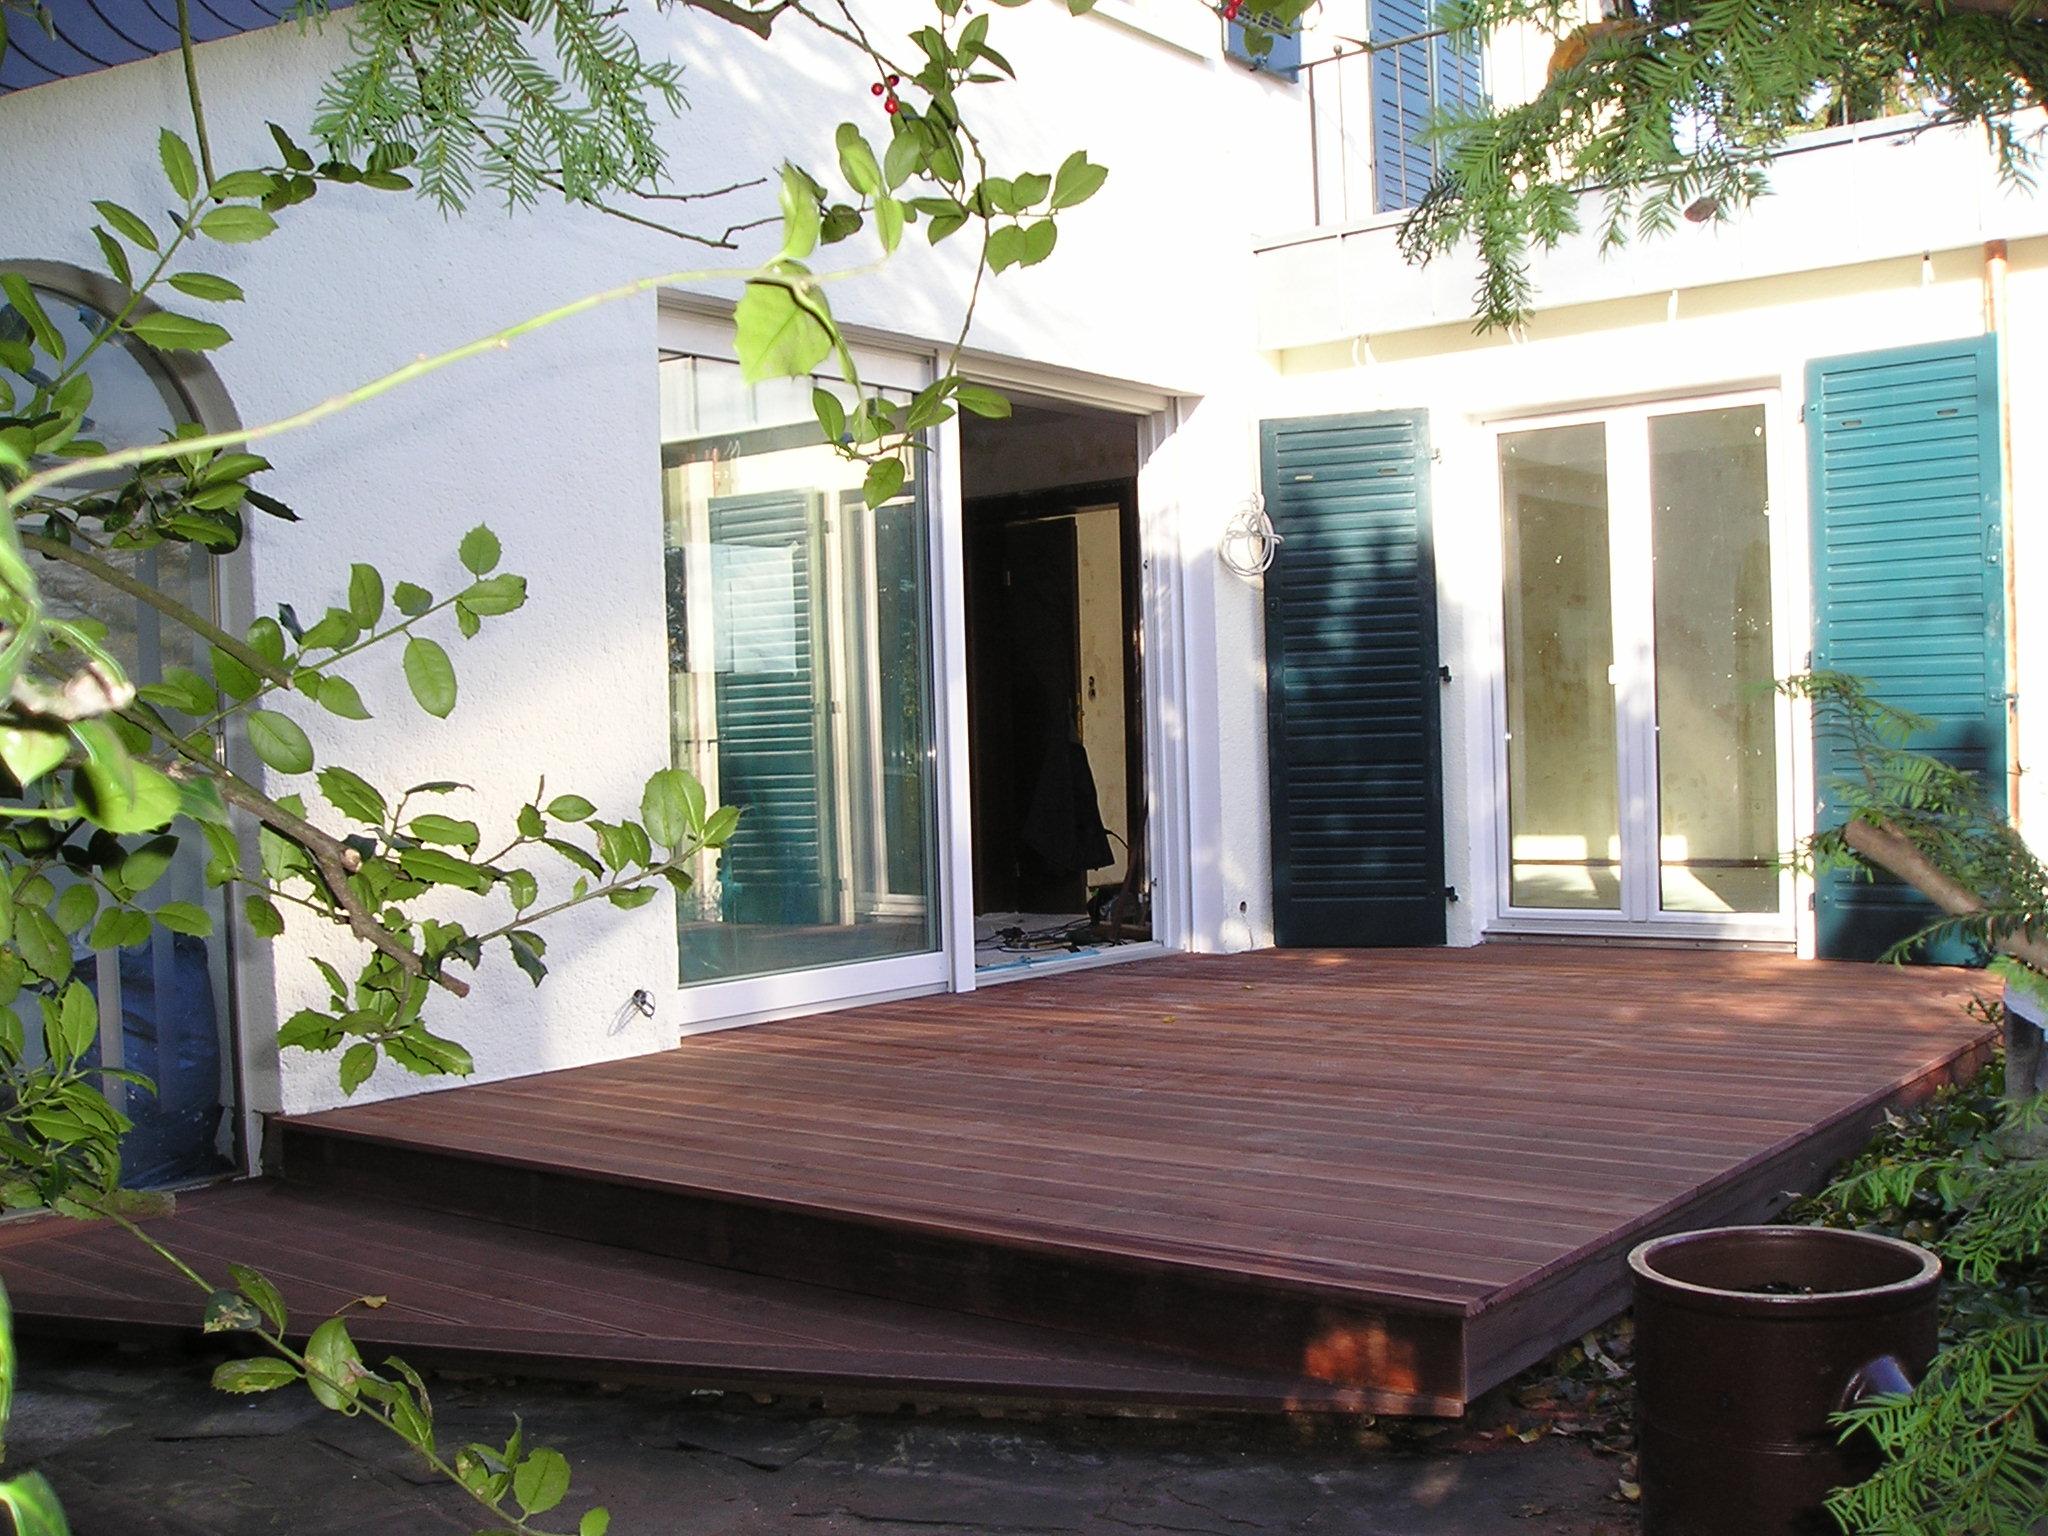 marder im garten carprola for. Black Bedroom Furniture Sets. Home Design Ideas